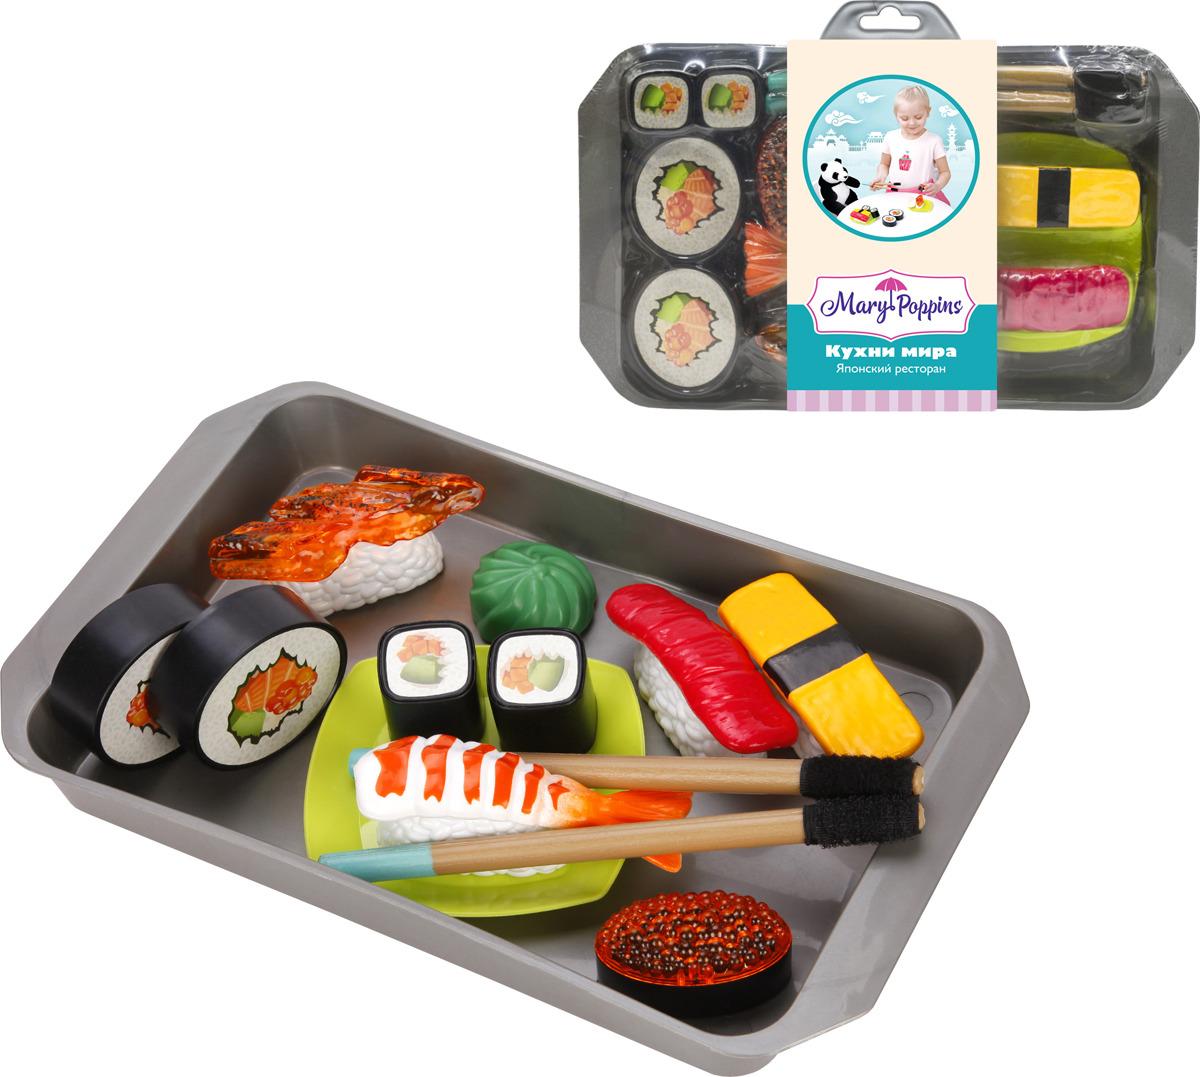 Набор посуды и продуктов Mary Poppins Кухни мира Японский ресторан, 453139, мультиколор суши ресторан sushi kit